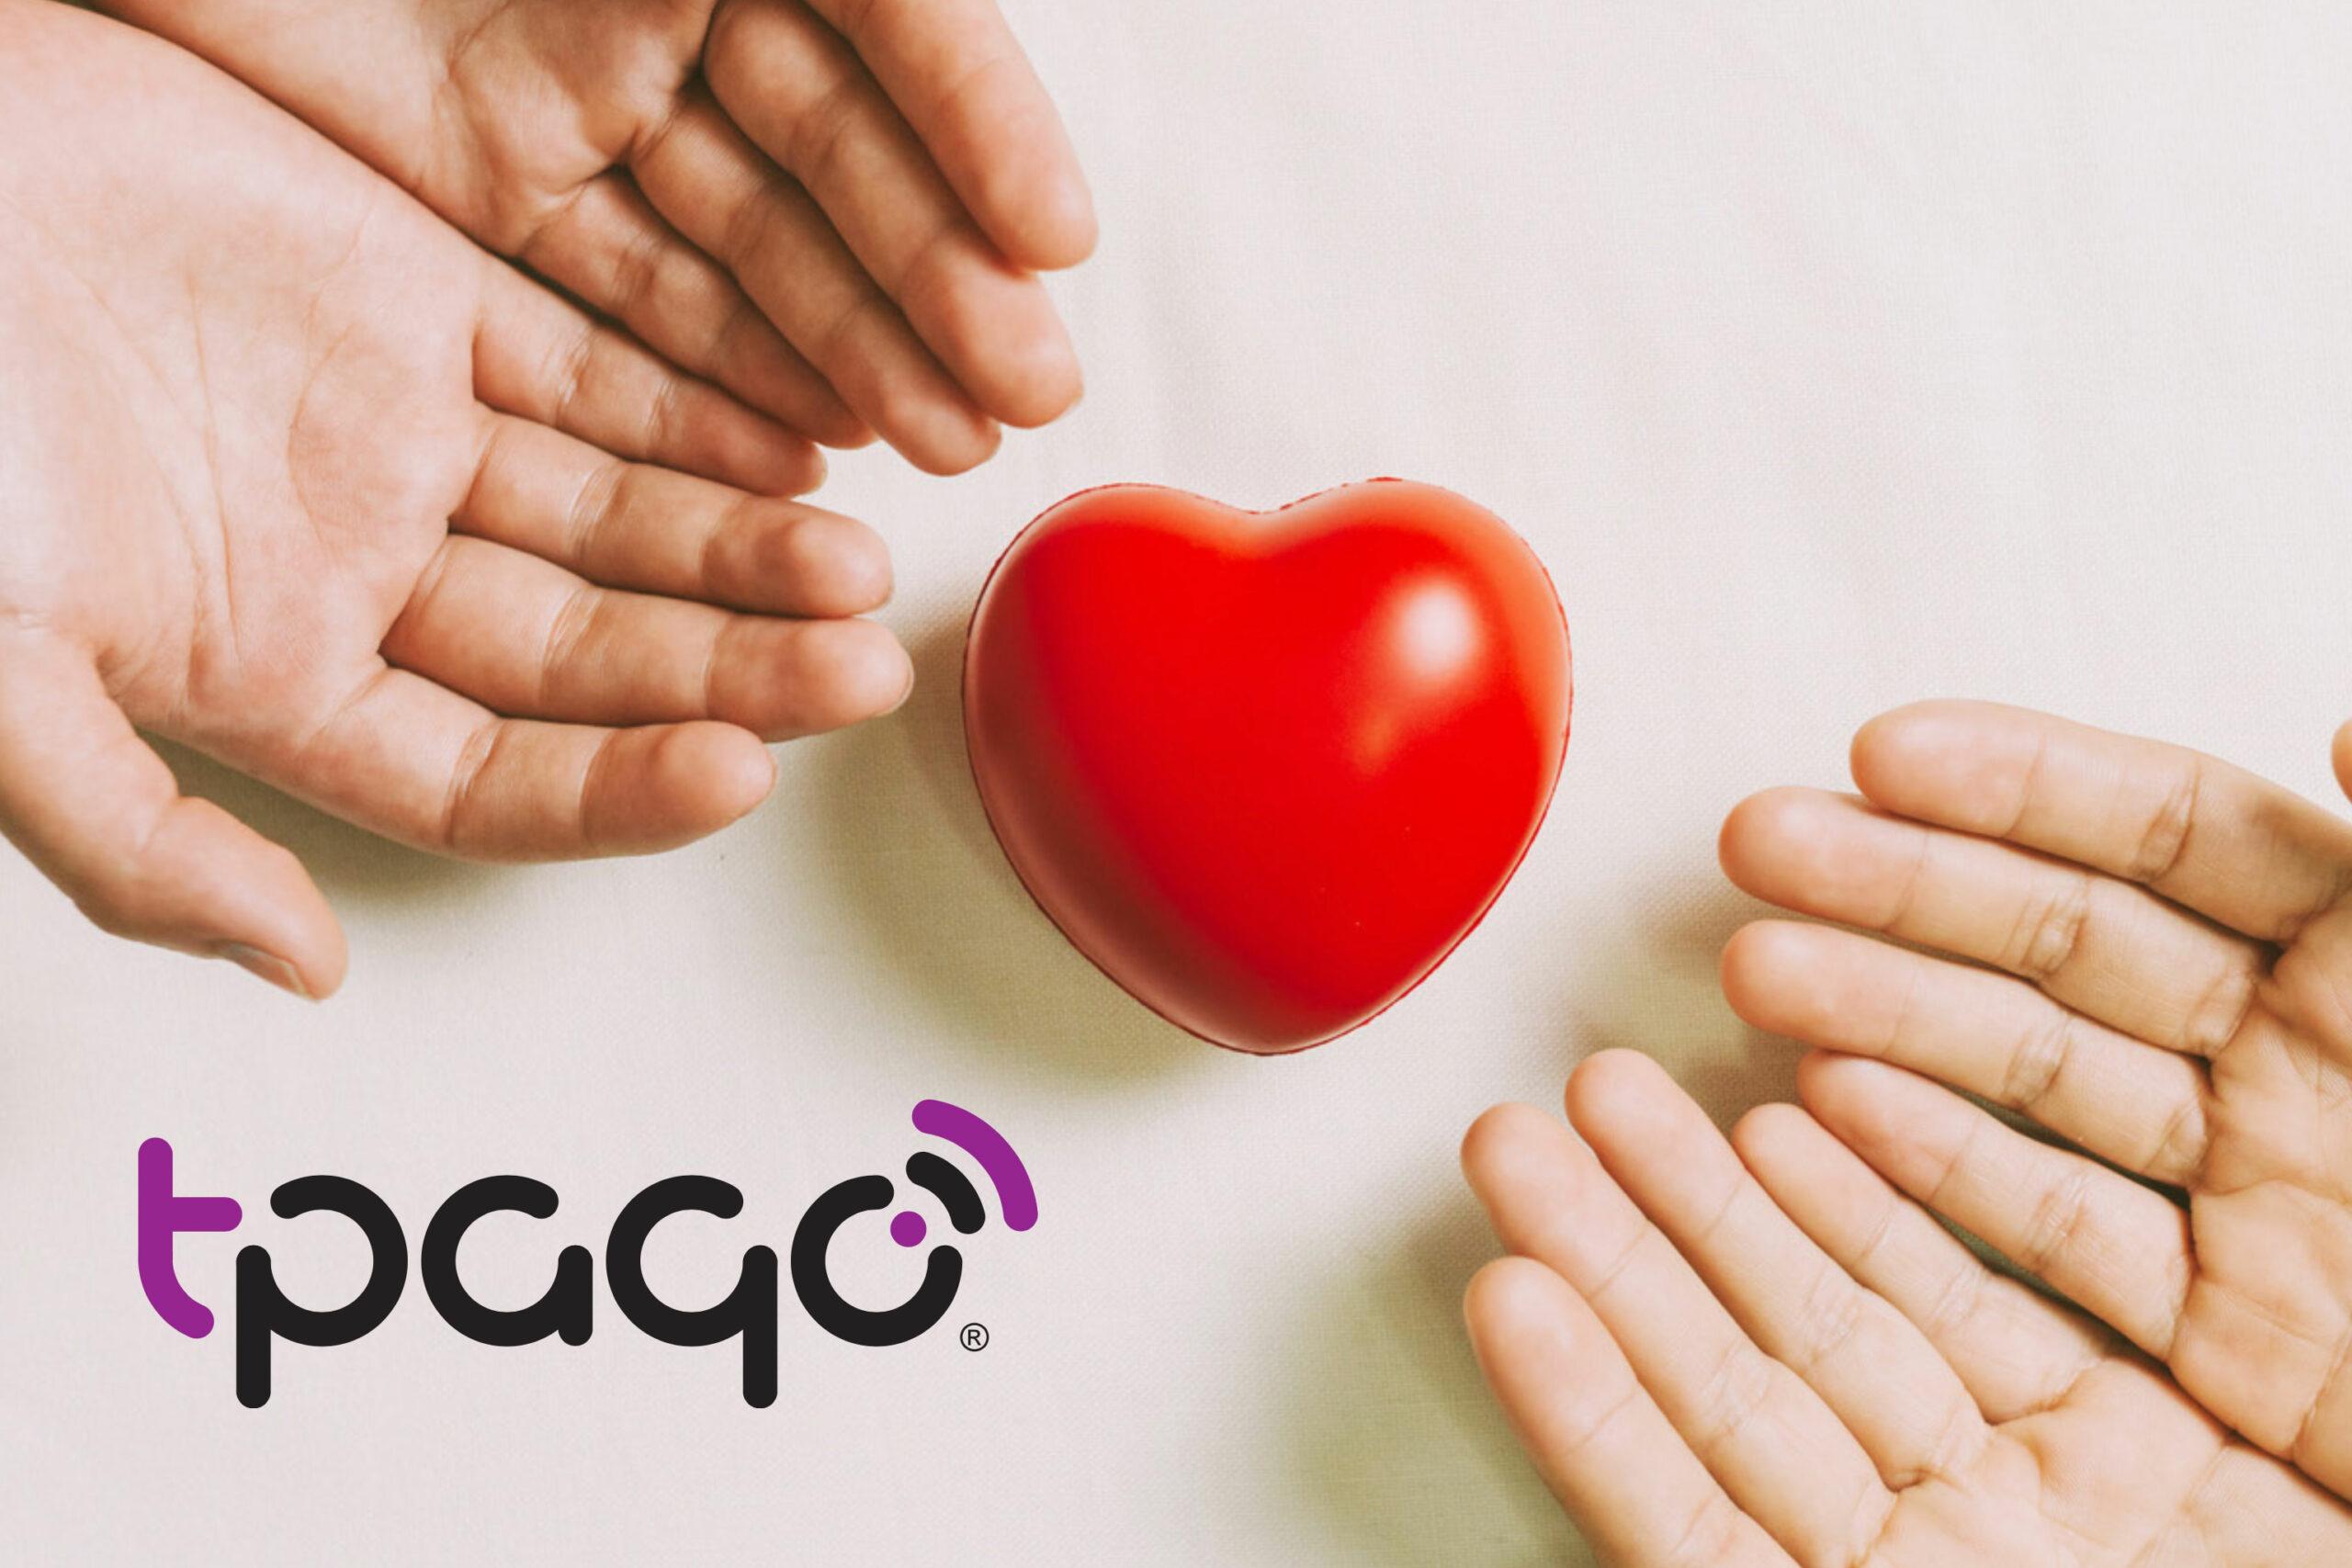 Crecimiento en Donaciones por tPago - image tPago_donaciones-scaled-1 on https://gcs-international.com